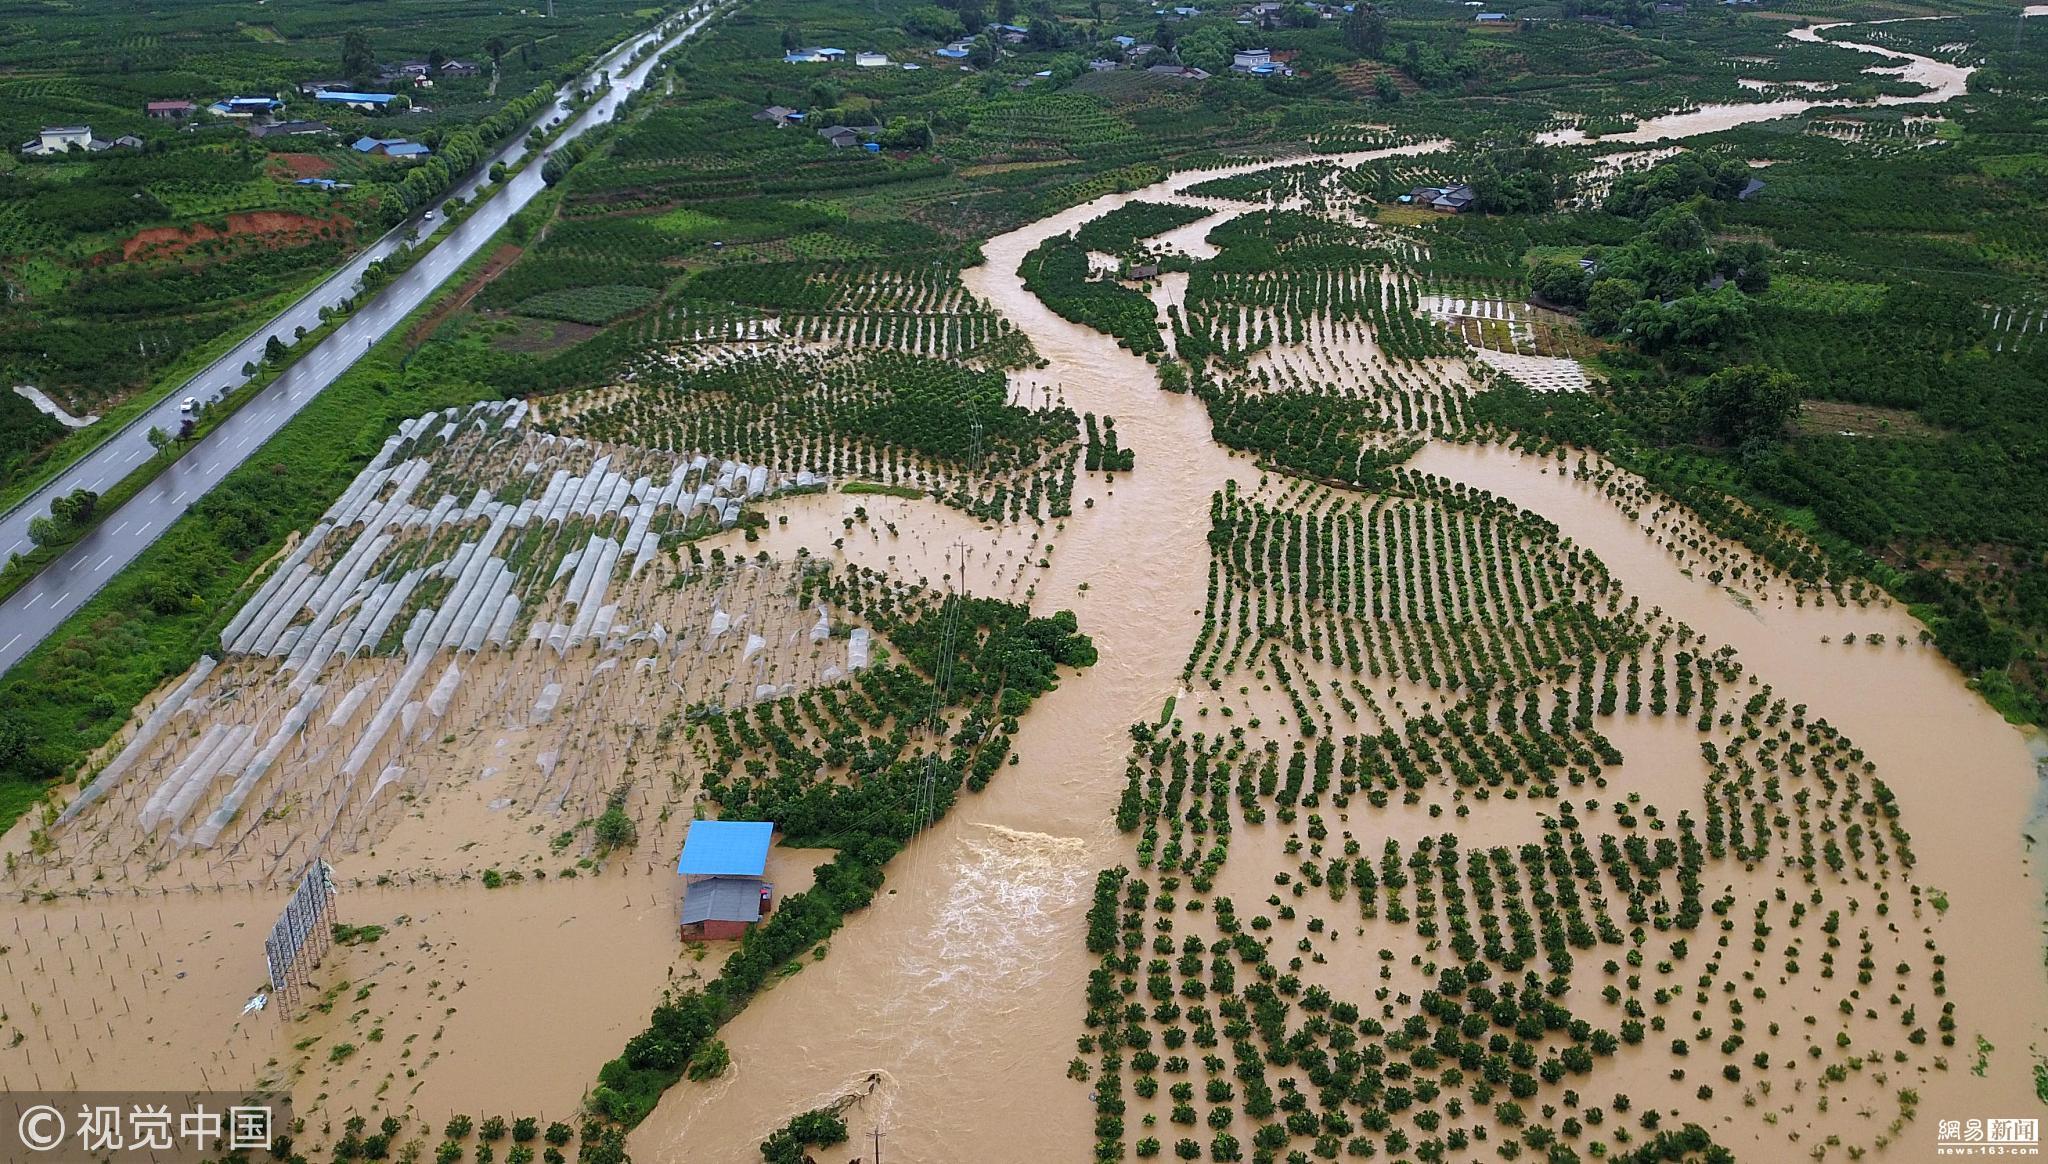 成都蒲江遭大暴雨 14082人受灾洪水淹没村庄